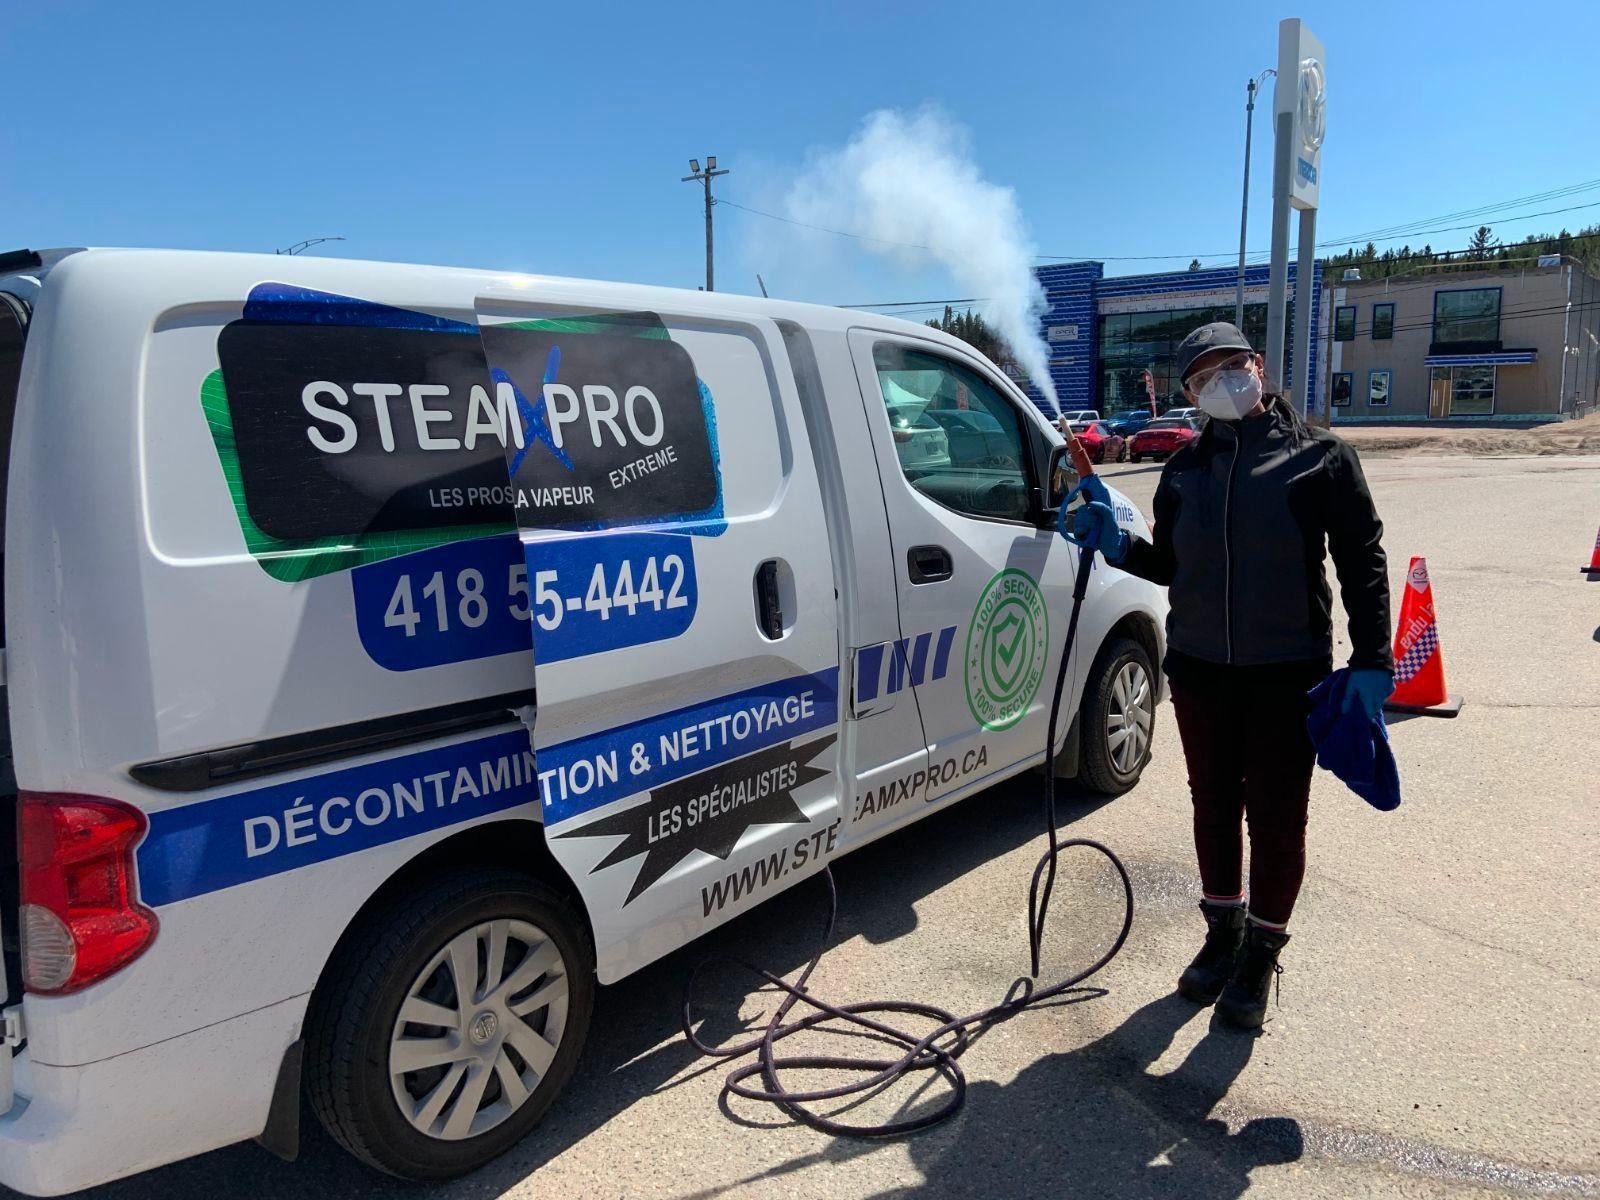 Femme avec un véhicule SteamXPro